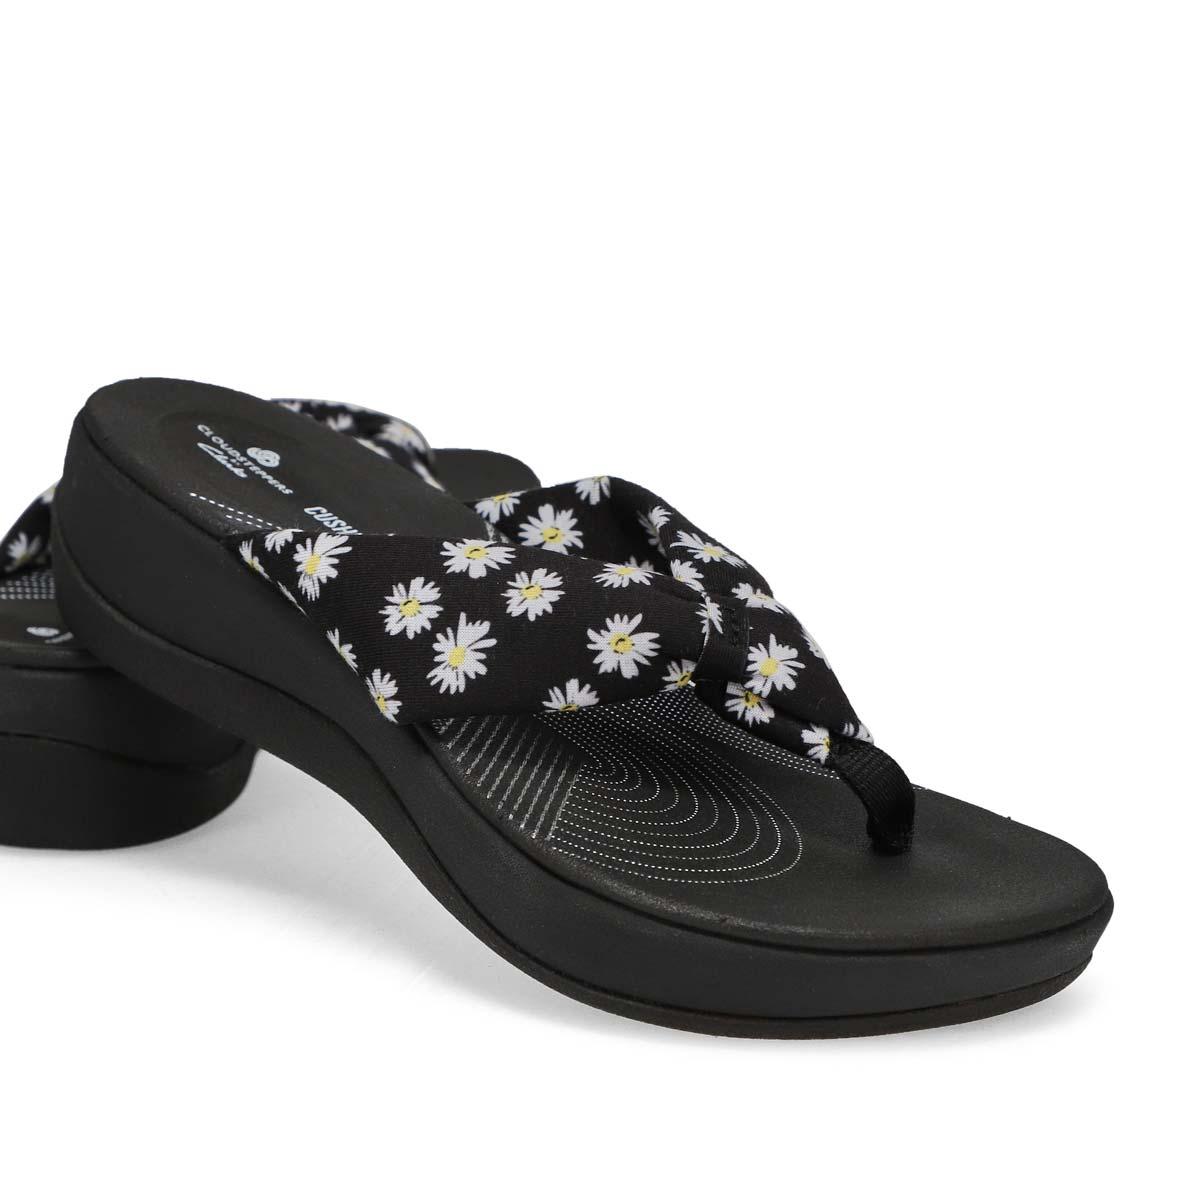 Tongs compensées ARLAGLISON, noir/floral, femmes